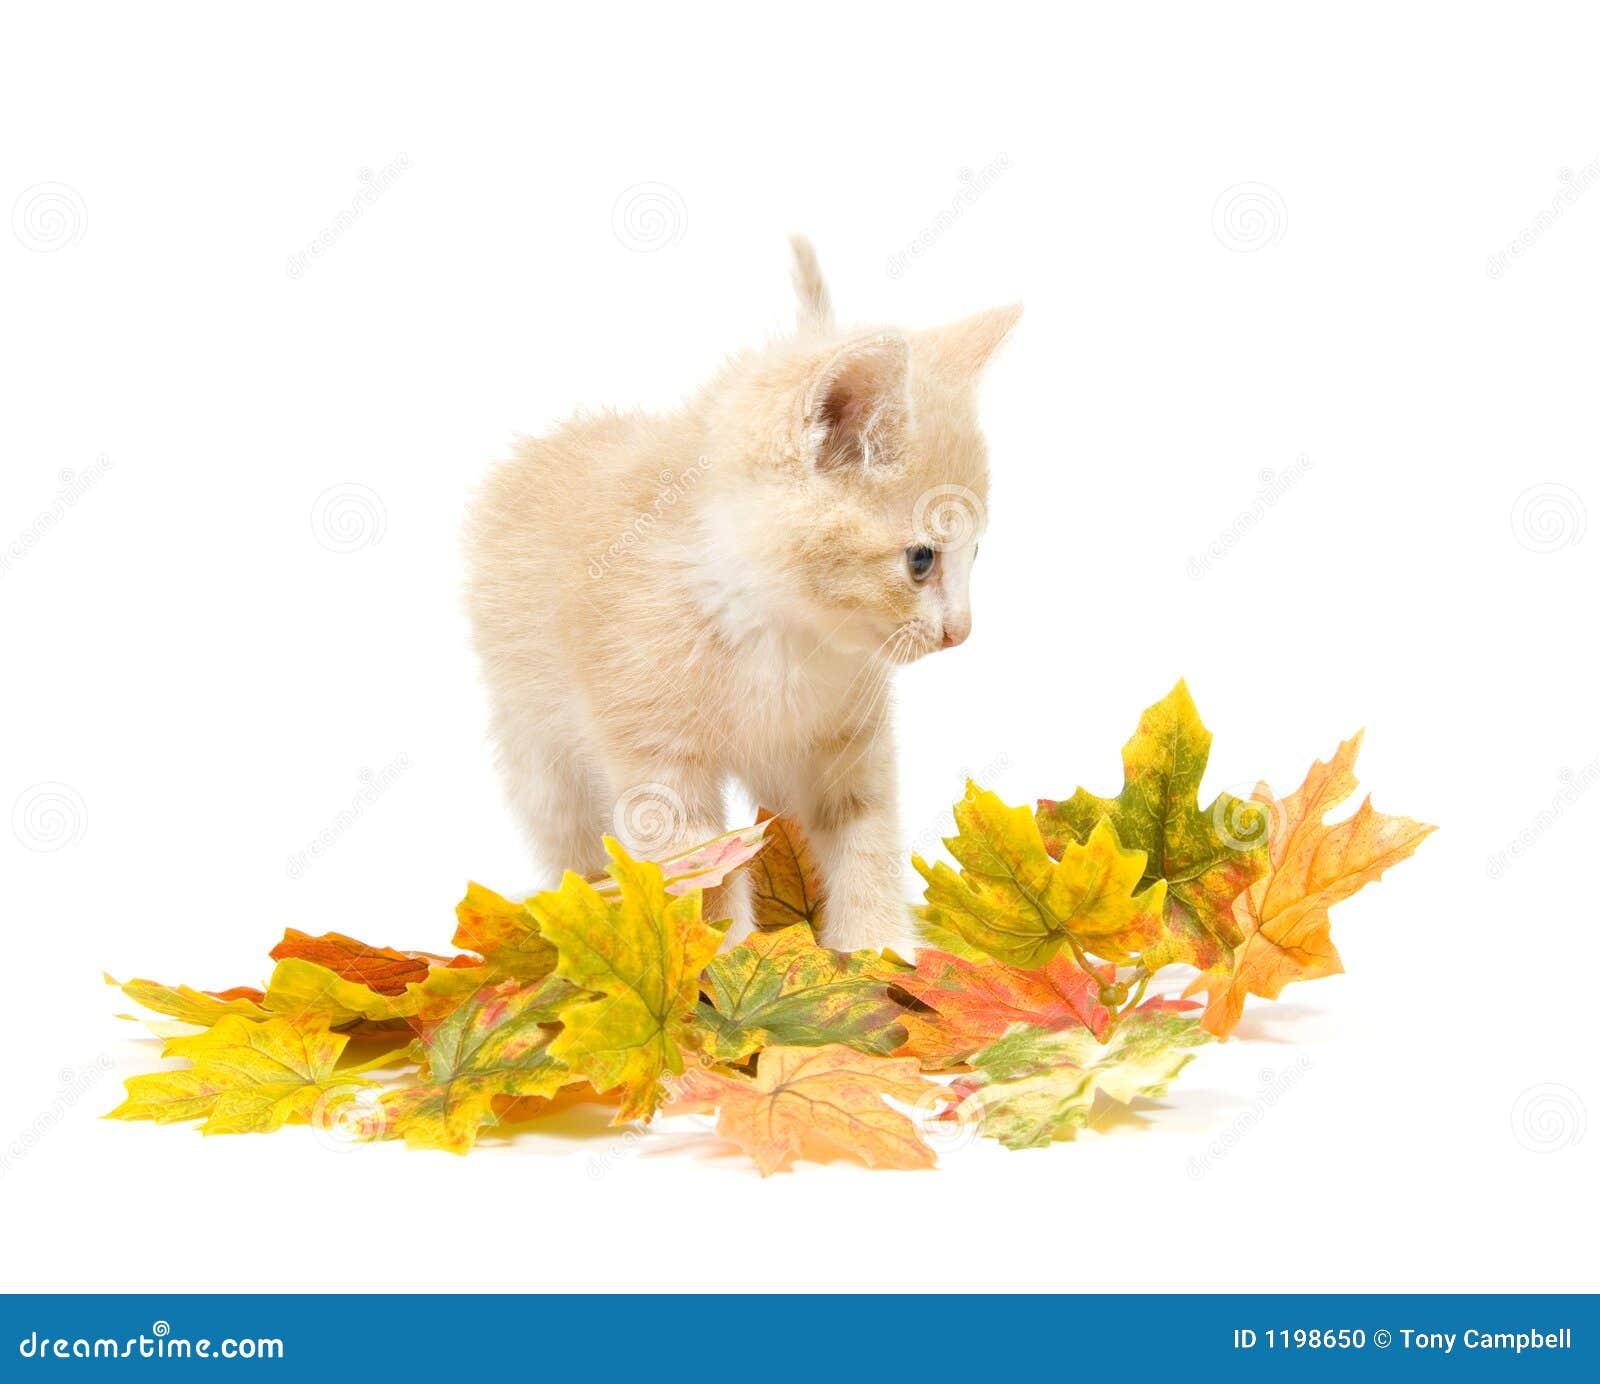 котенок падения покидает желтый цвет